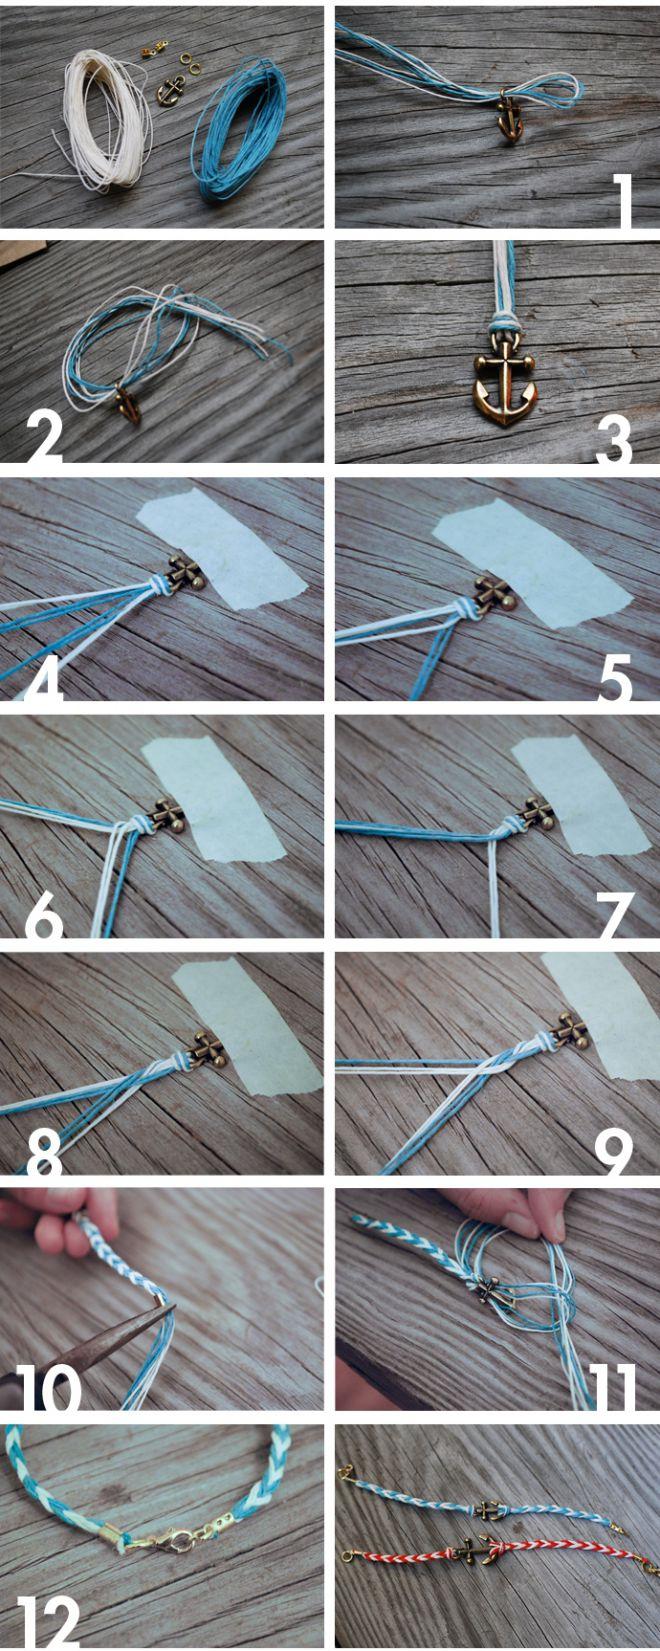 Как сделать браслет своими руками с якорем